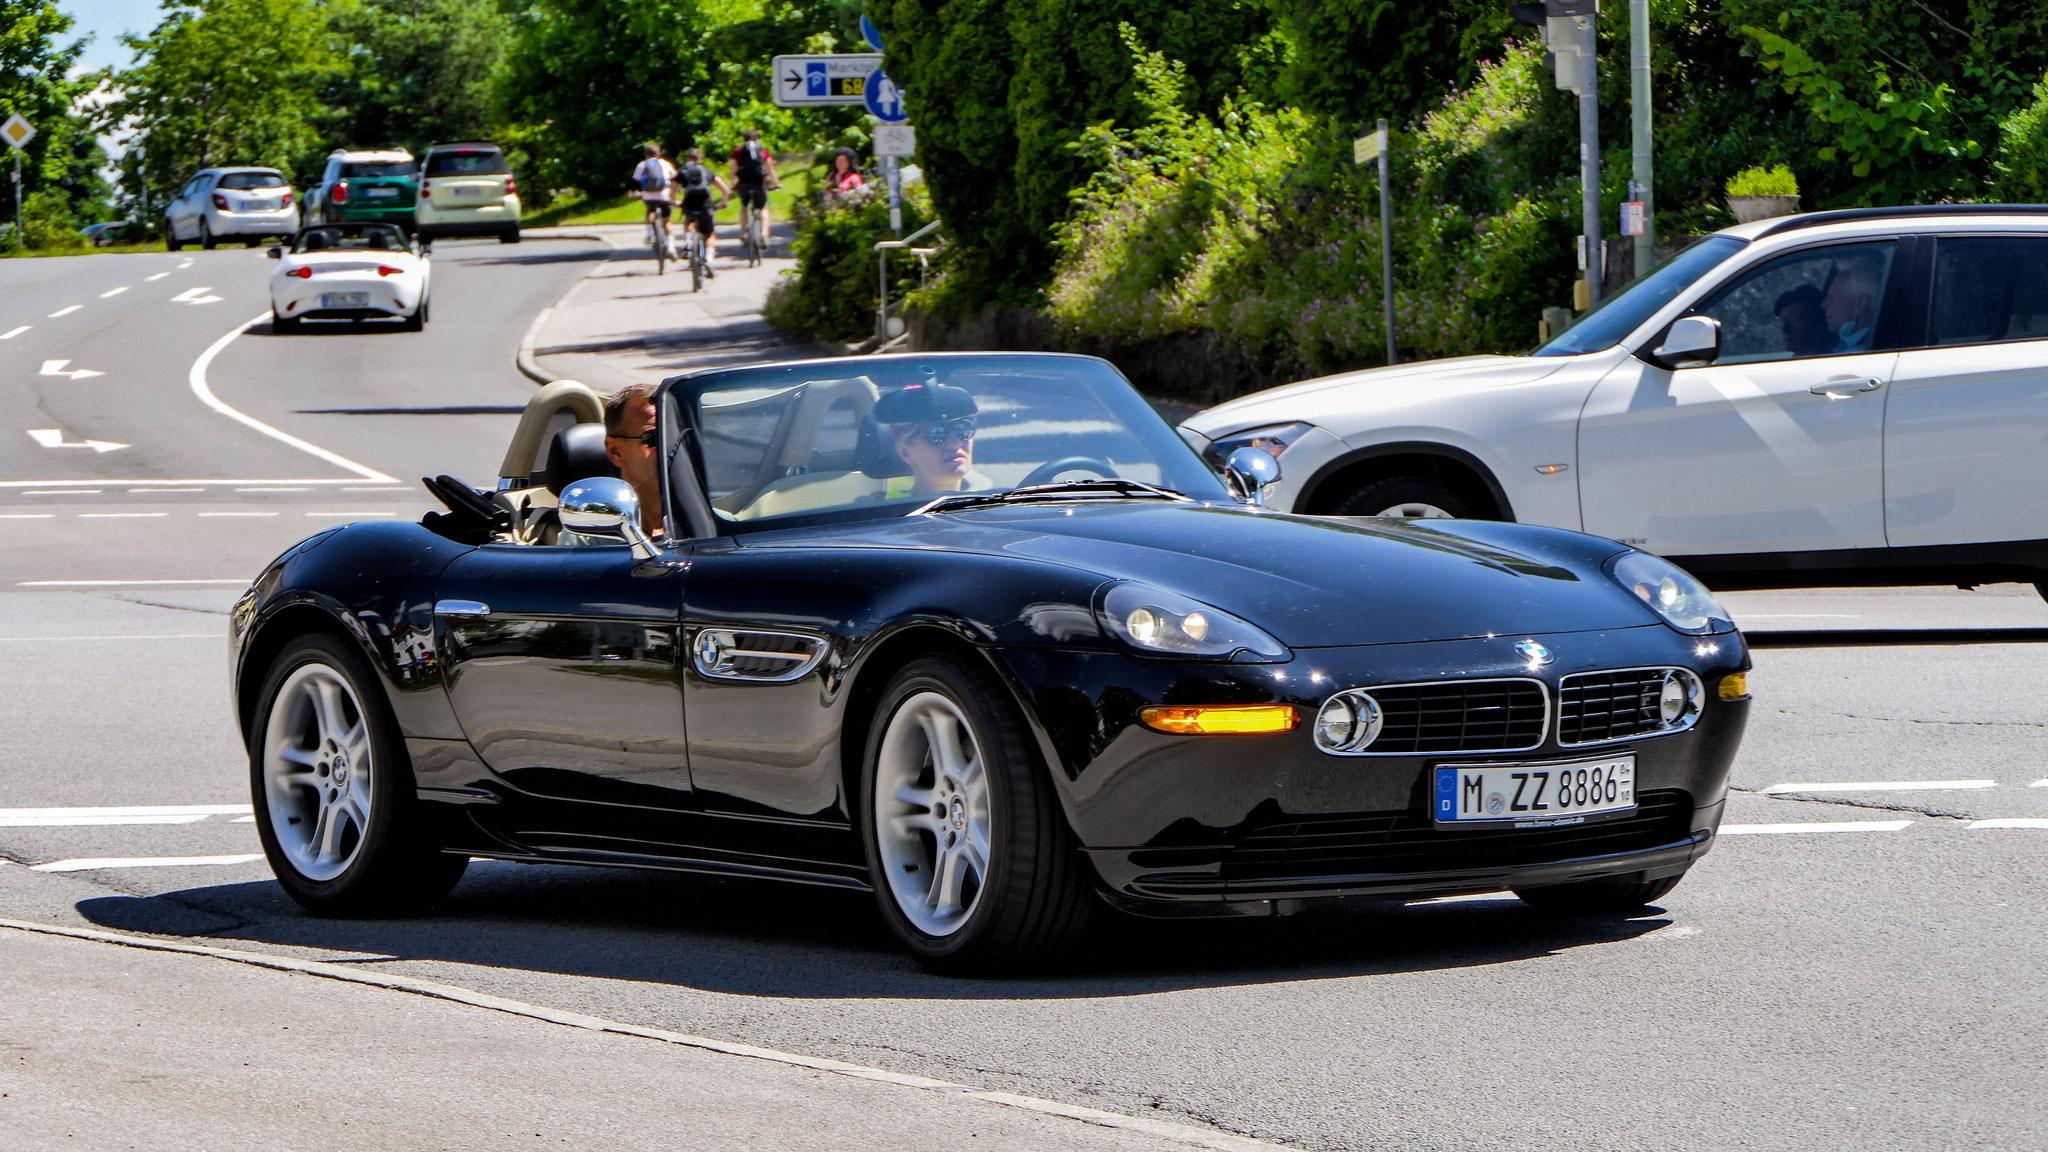 BMW Z8 - M-ZZ-8886